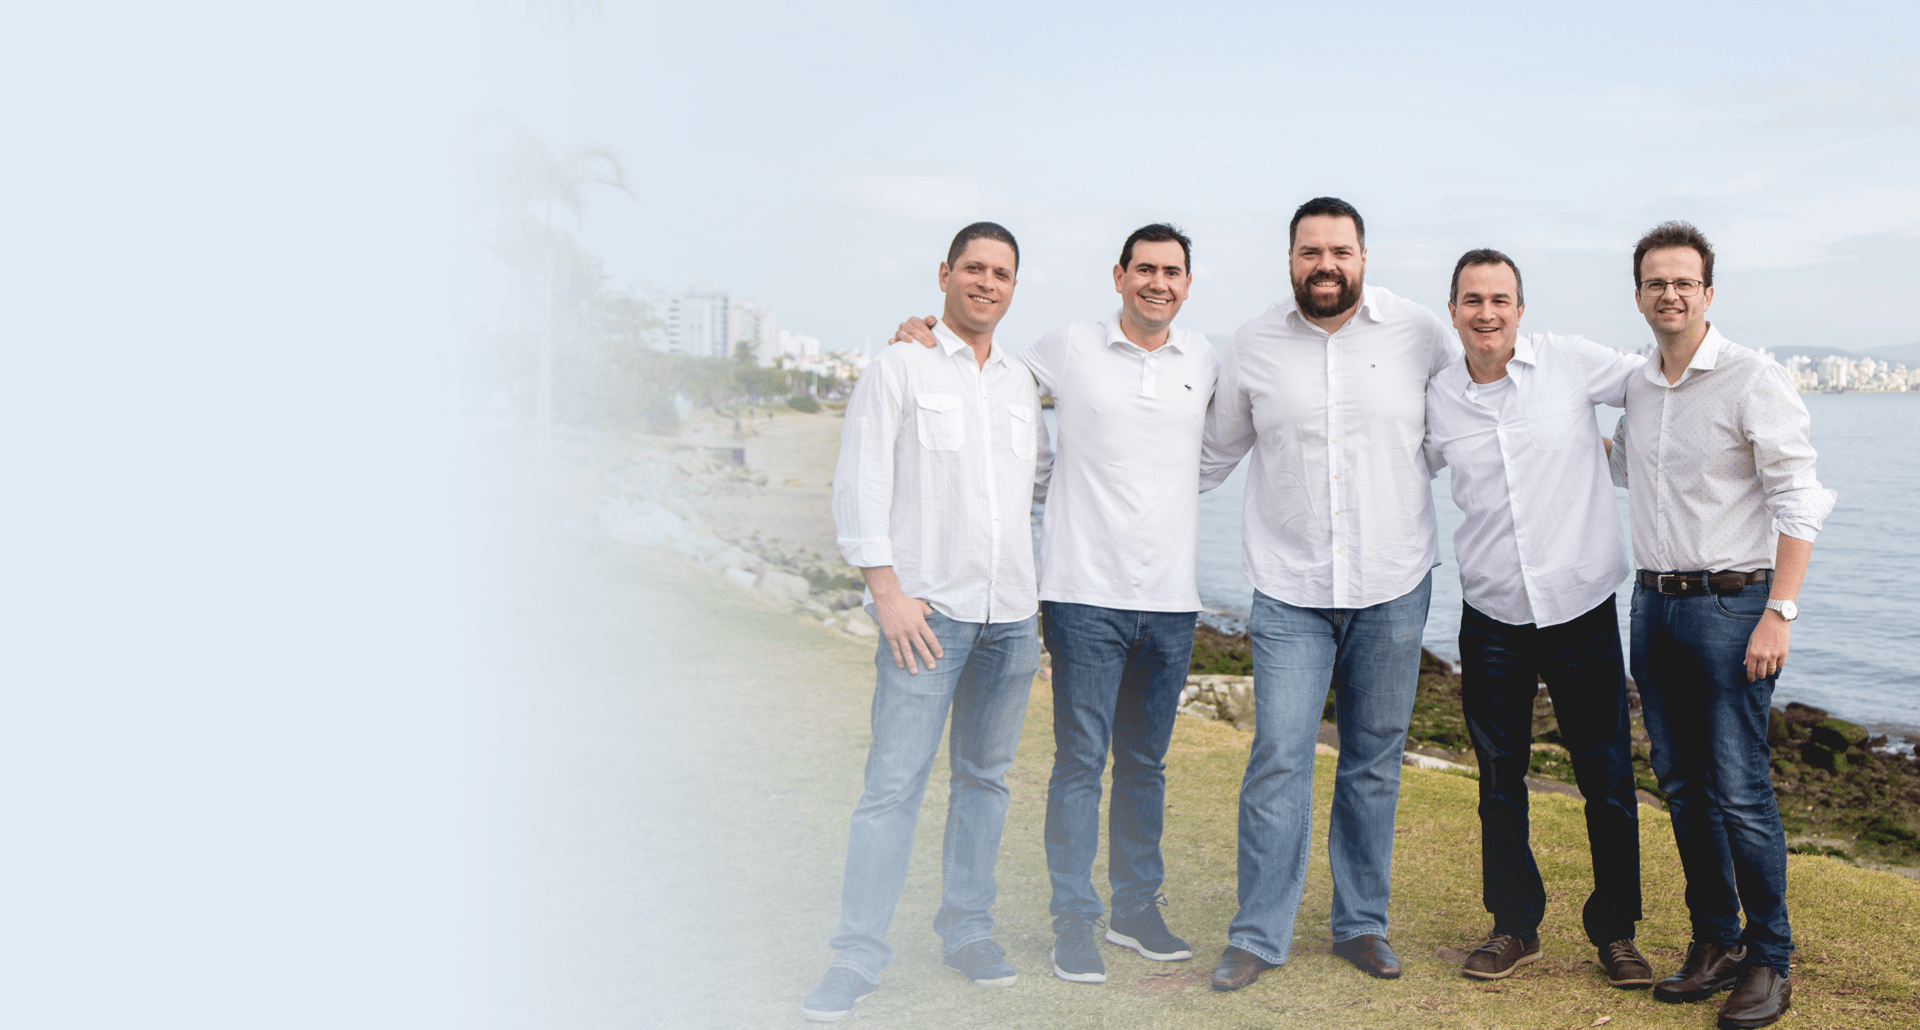 Doutores Gustavo, Daniel, Acklei, Jalmir e Rafael vestidos de camisas brancas, estão reunidos em região costeira de Florianópolis. Todos sorriem. Há um degradê para branco no lado esquerdo da imagem.